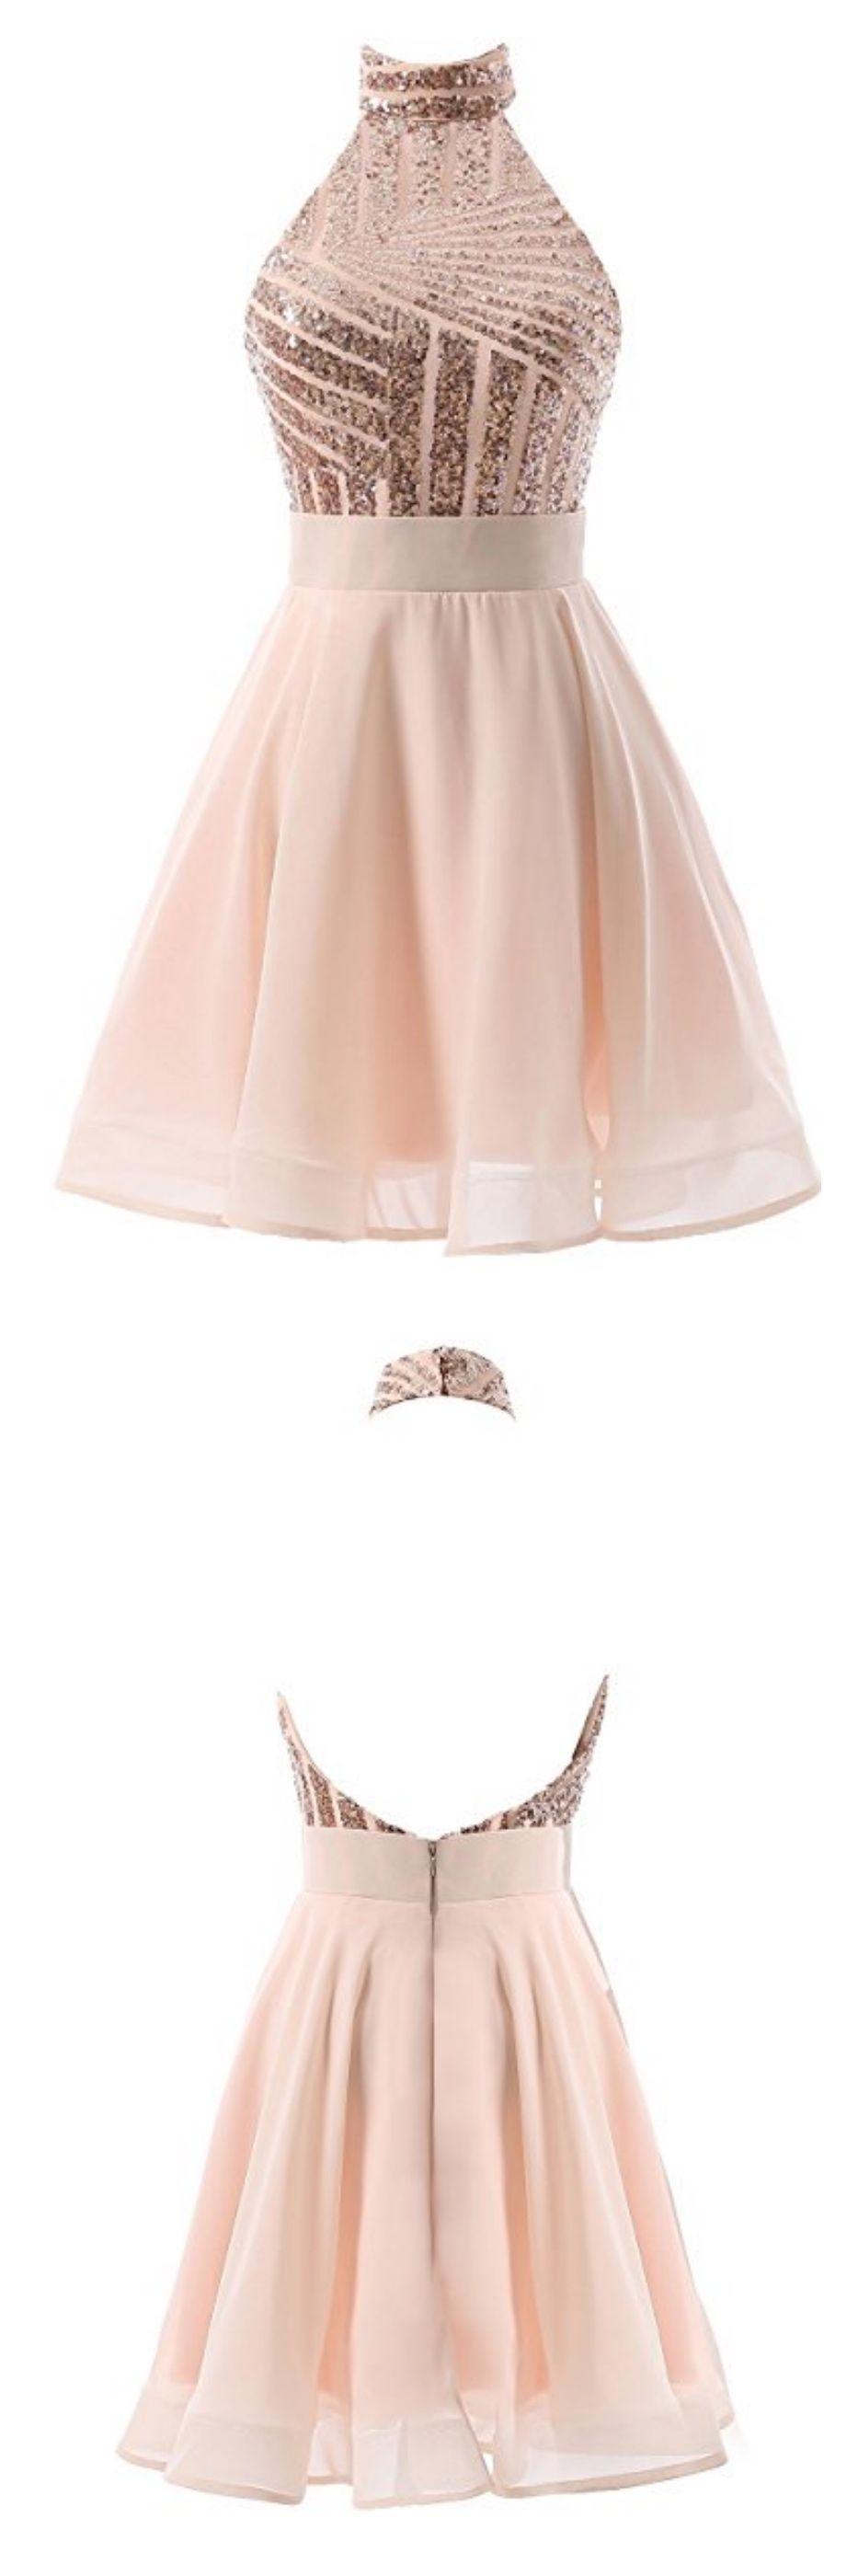 Excellent prom dresses backless halter sequins short prom dresses